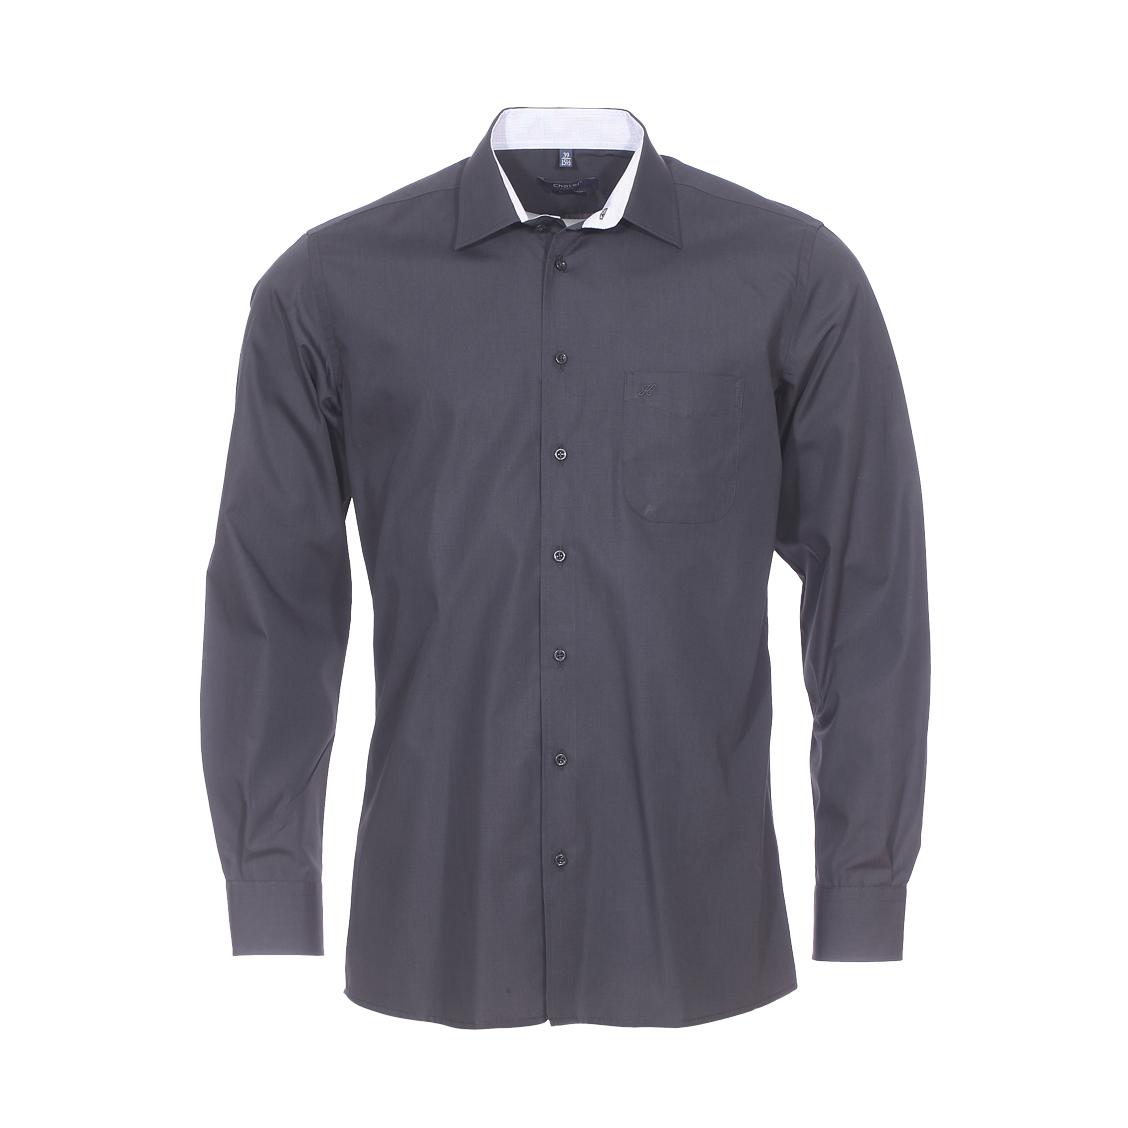 Chemise droite  en coton mélangé noir à opposition à carreaux blancs et noirs